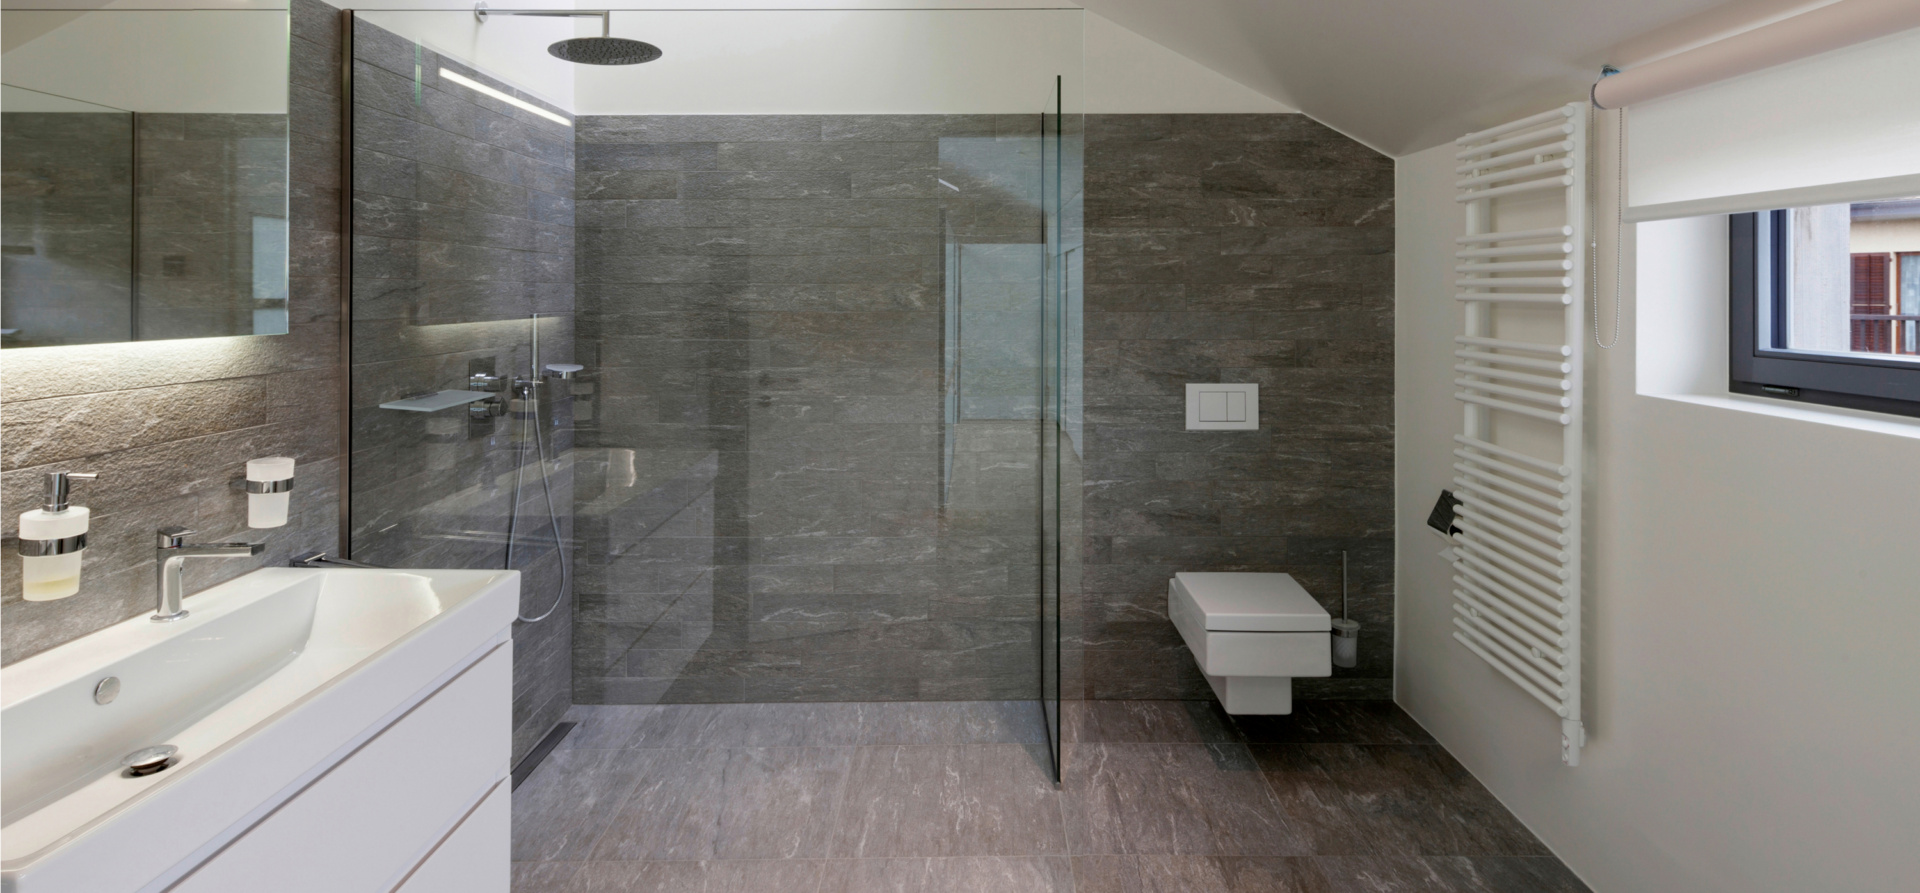 Dusche individuell gestalten: Konfigurator, Werkstoffe, Vorteile